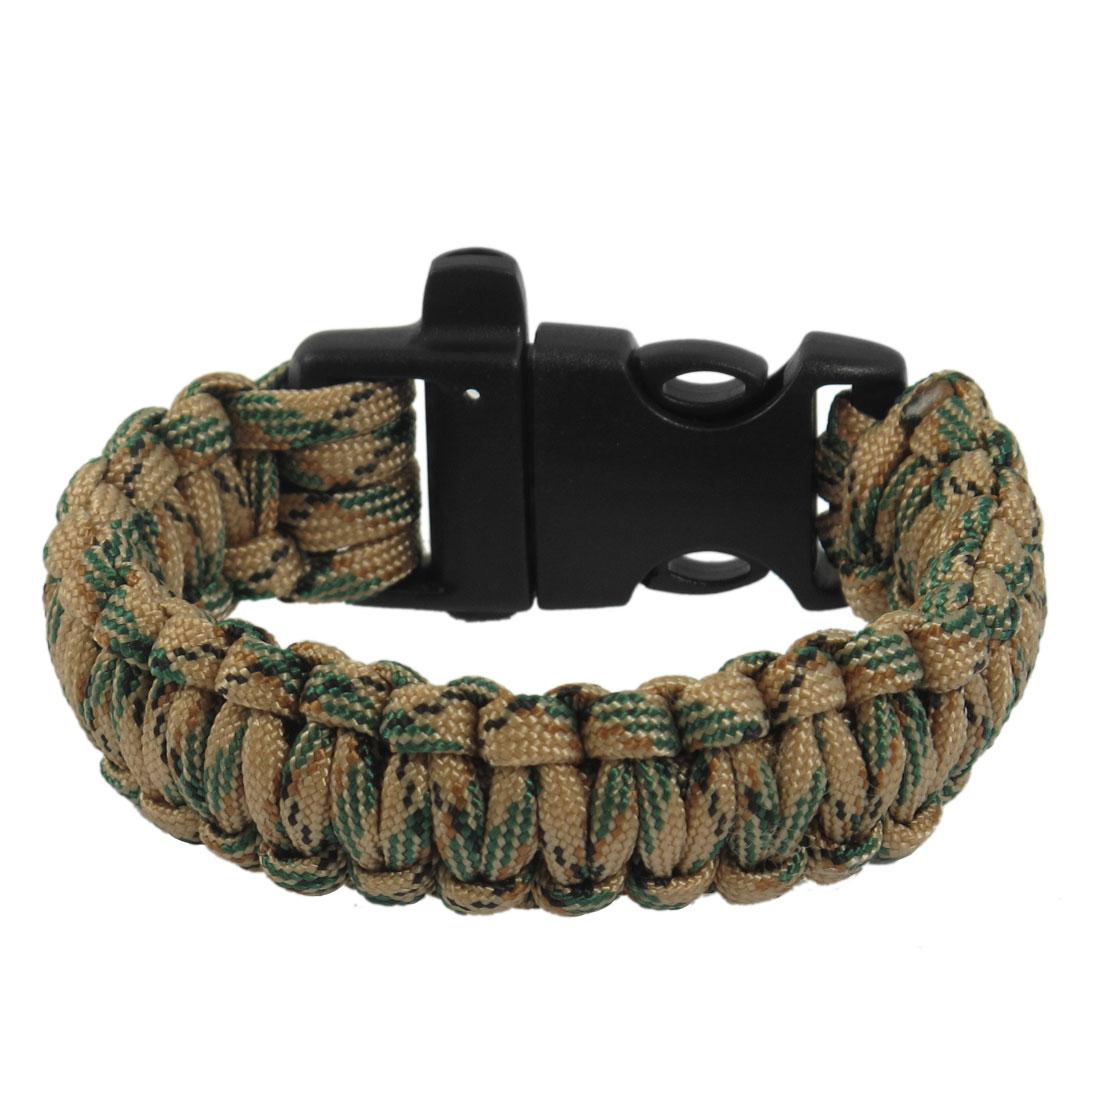 Plastic Buckle Whistle Decor Cobra Weave Colorful Survival Bracelet